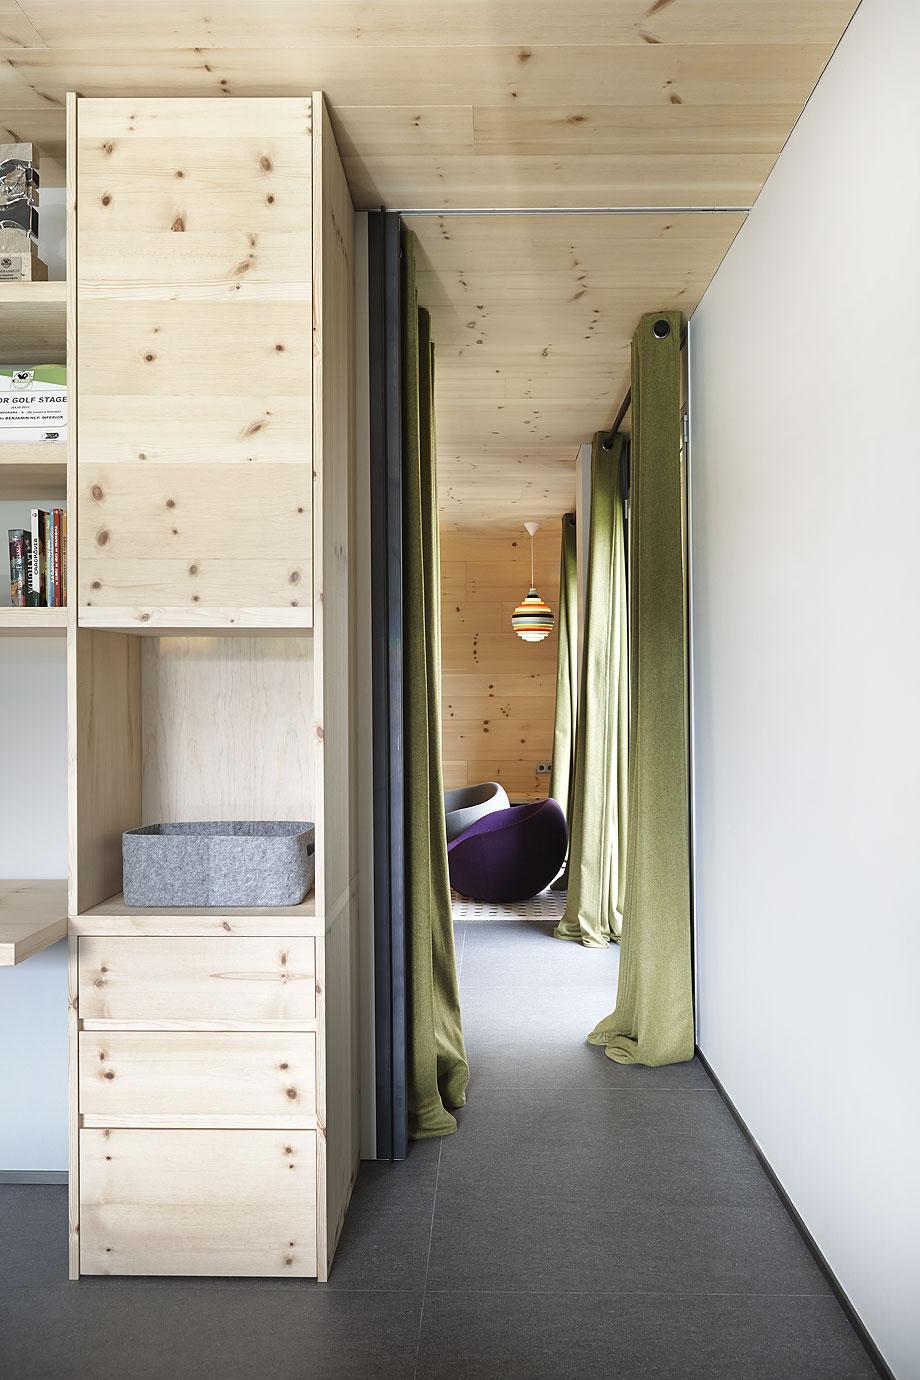 vivienda en andorra de coblonal arquitectura (7)